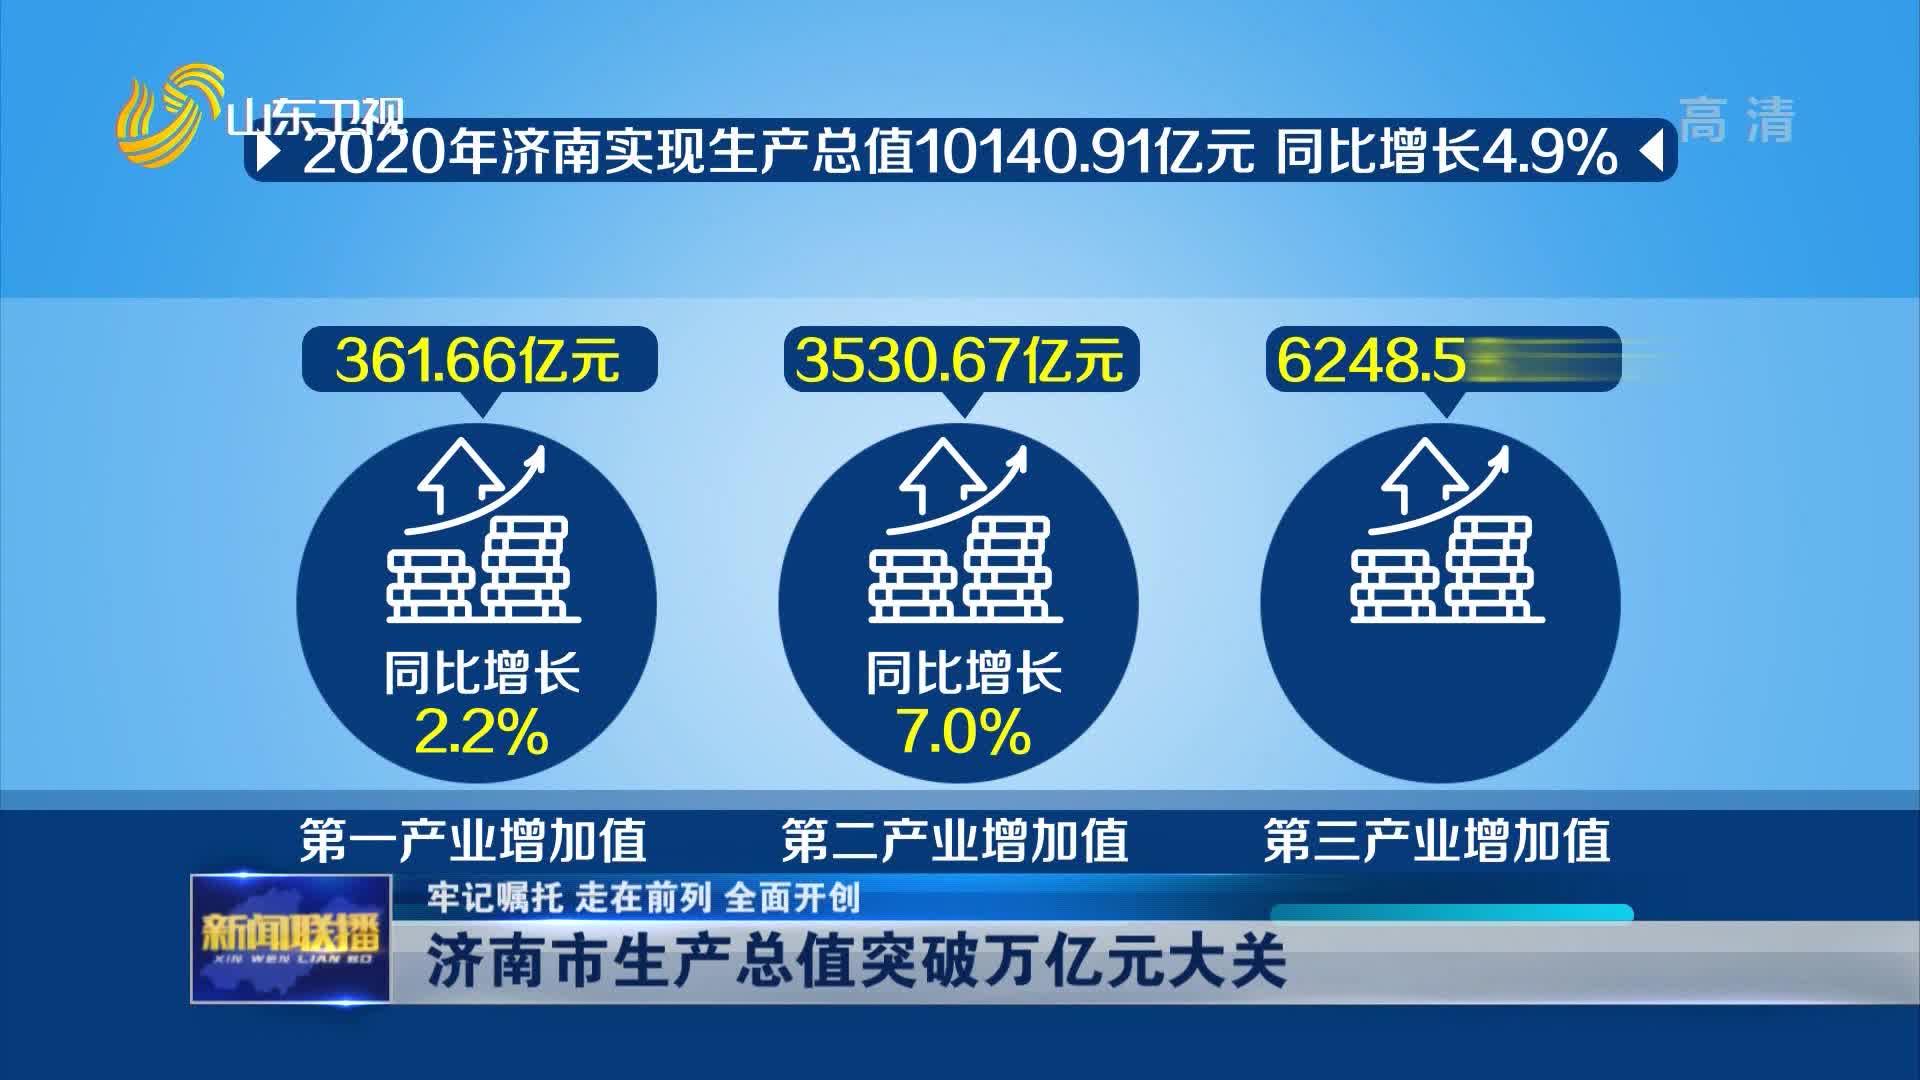 【牢记嘱托 走在前列 全面开创】济南市生产总值突破万亿元大关